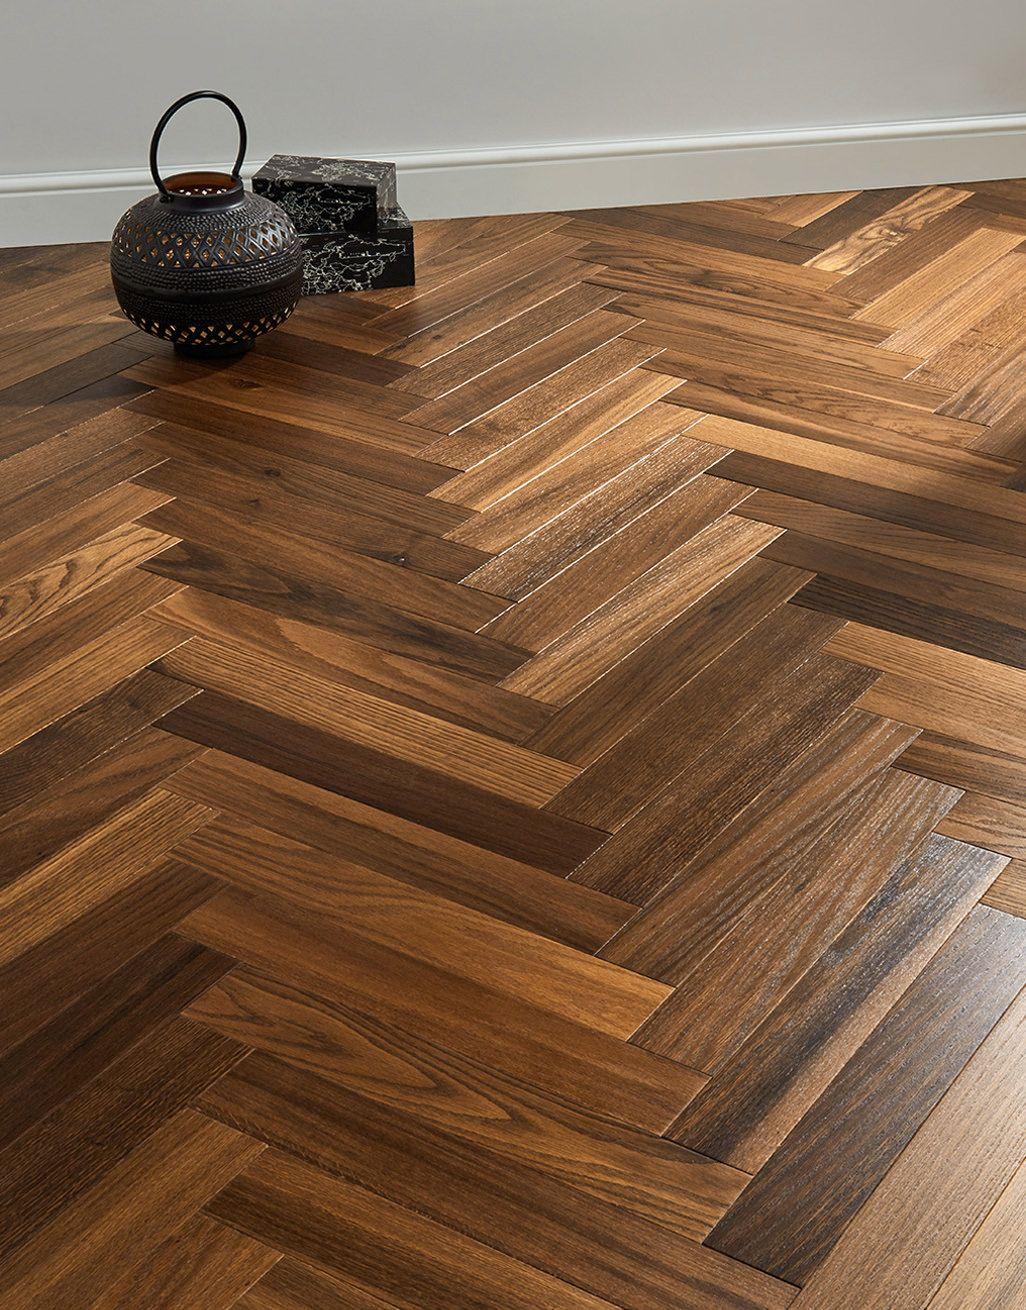 Branscombe Vintage Pier Herringbone Oak Engineered Wood Flooring Engineered Wood Floors Oak Wood Floor Design Engineered Wood Floors